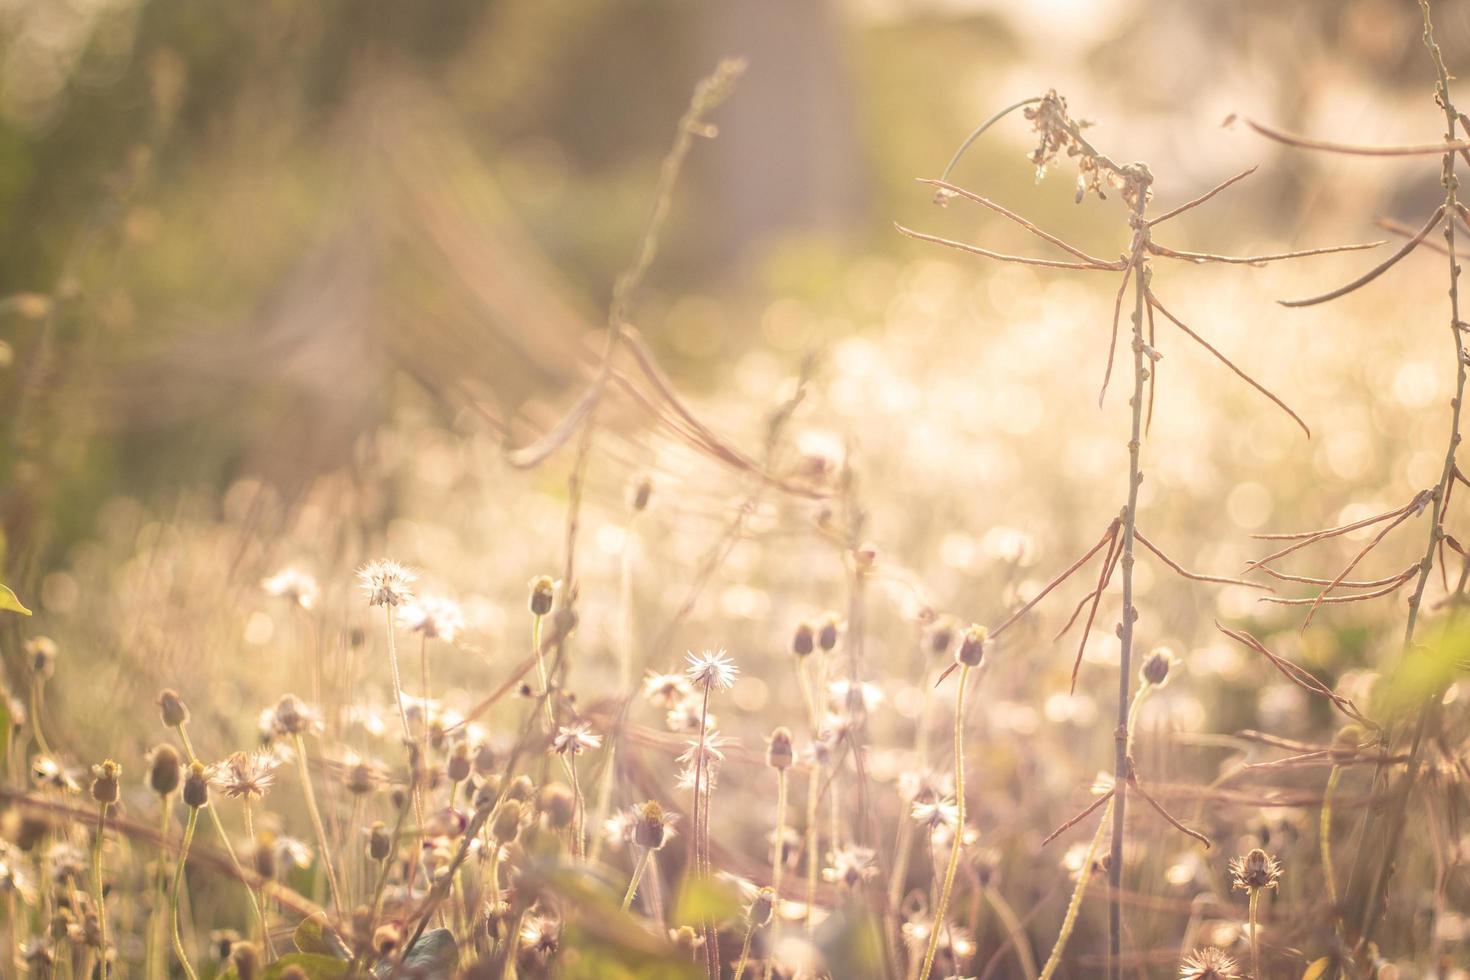 flou de fleurs d'herbe sauvage natured romantique photo